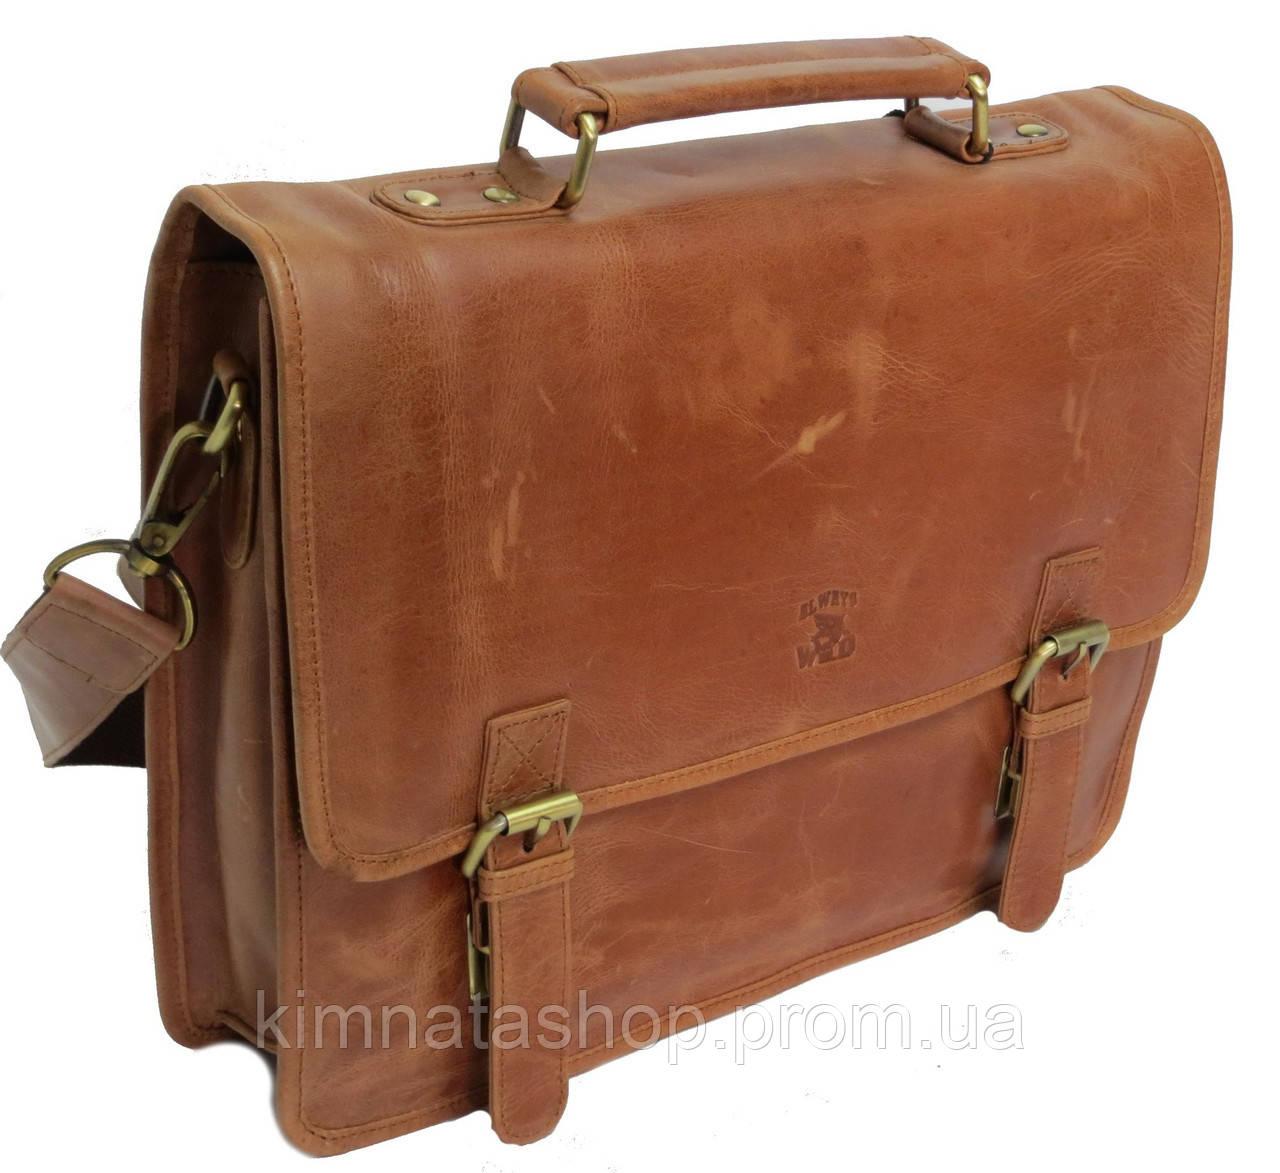 Стильна сумка-портфель з натуральної шкіри Always Wild 16921 коричнева 36х29х8 див.